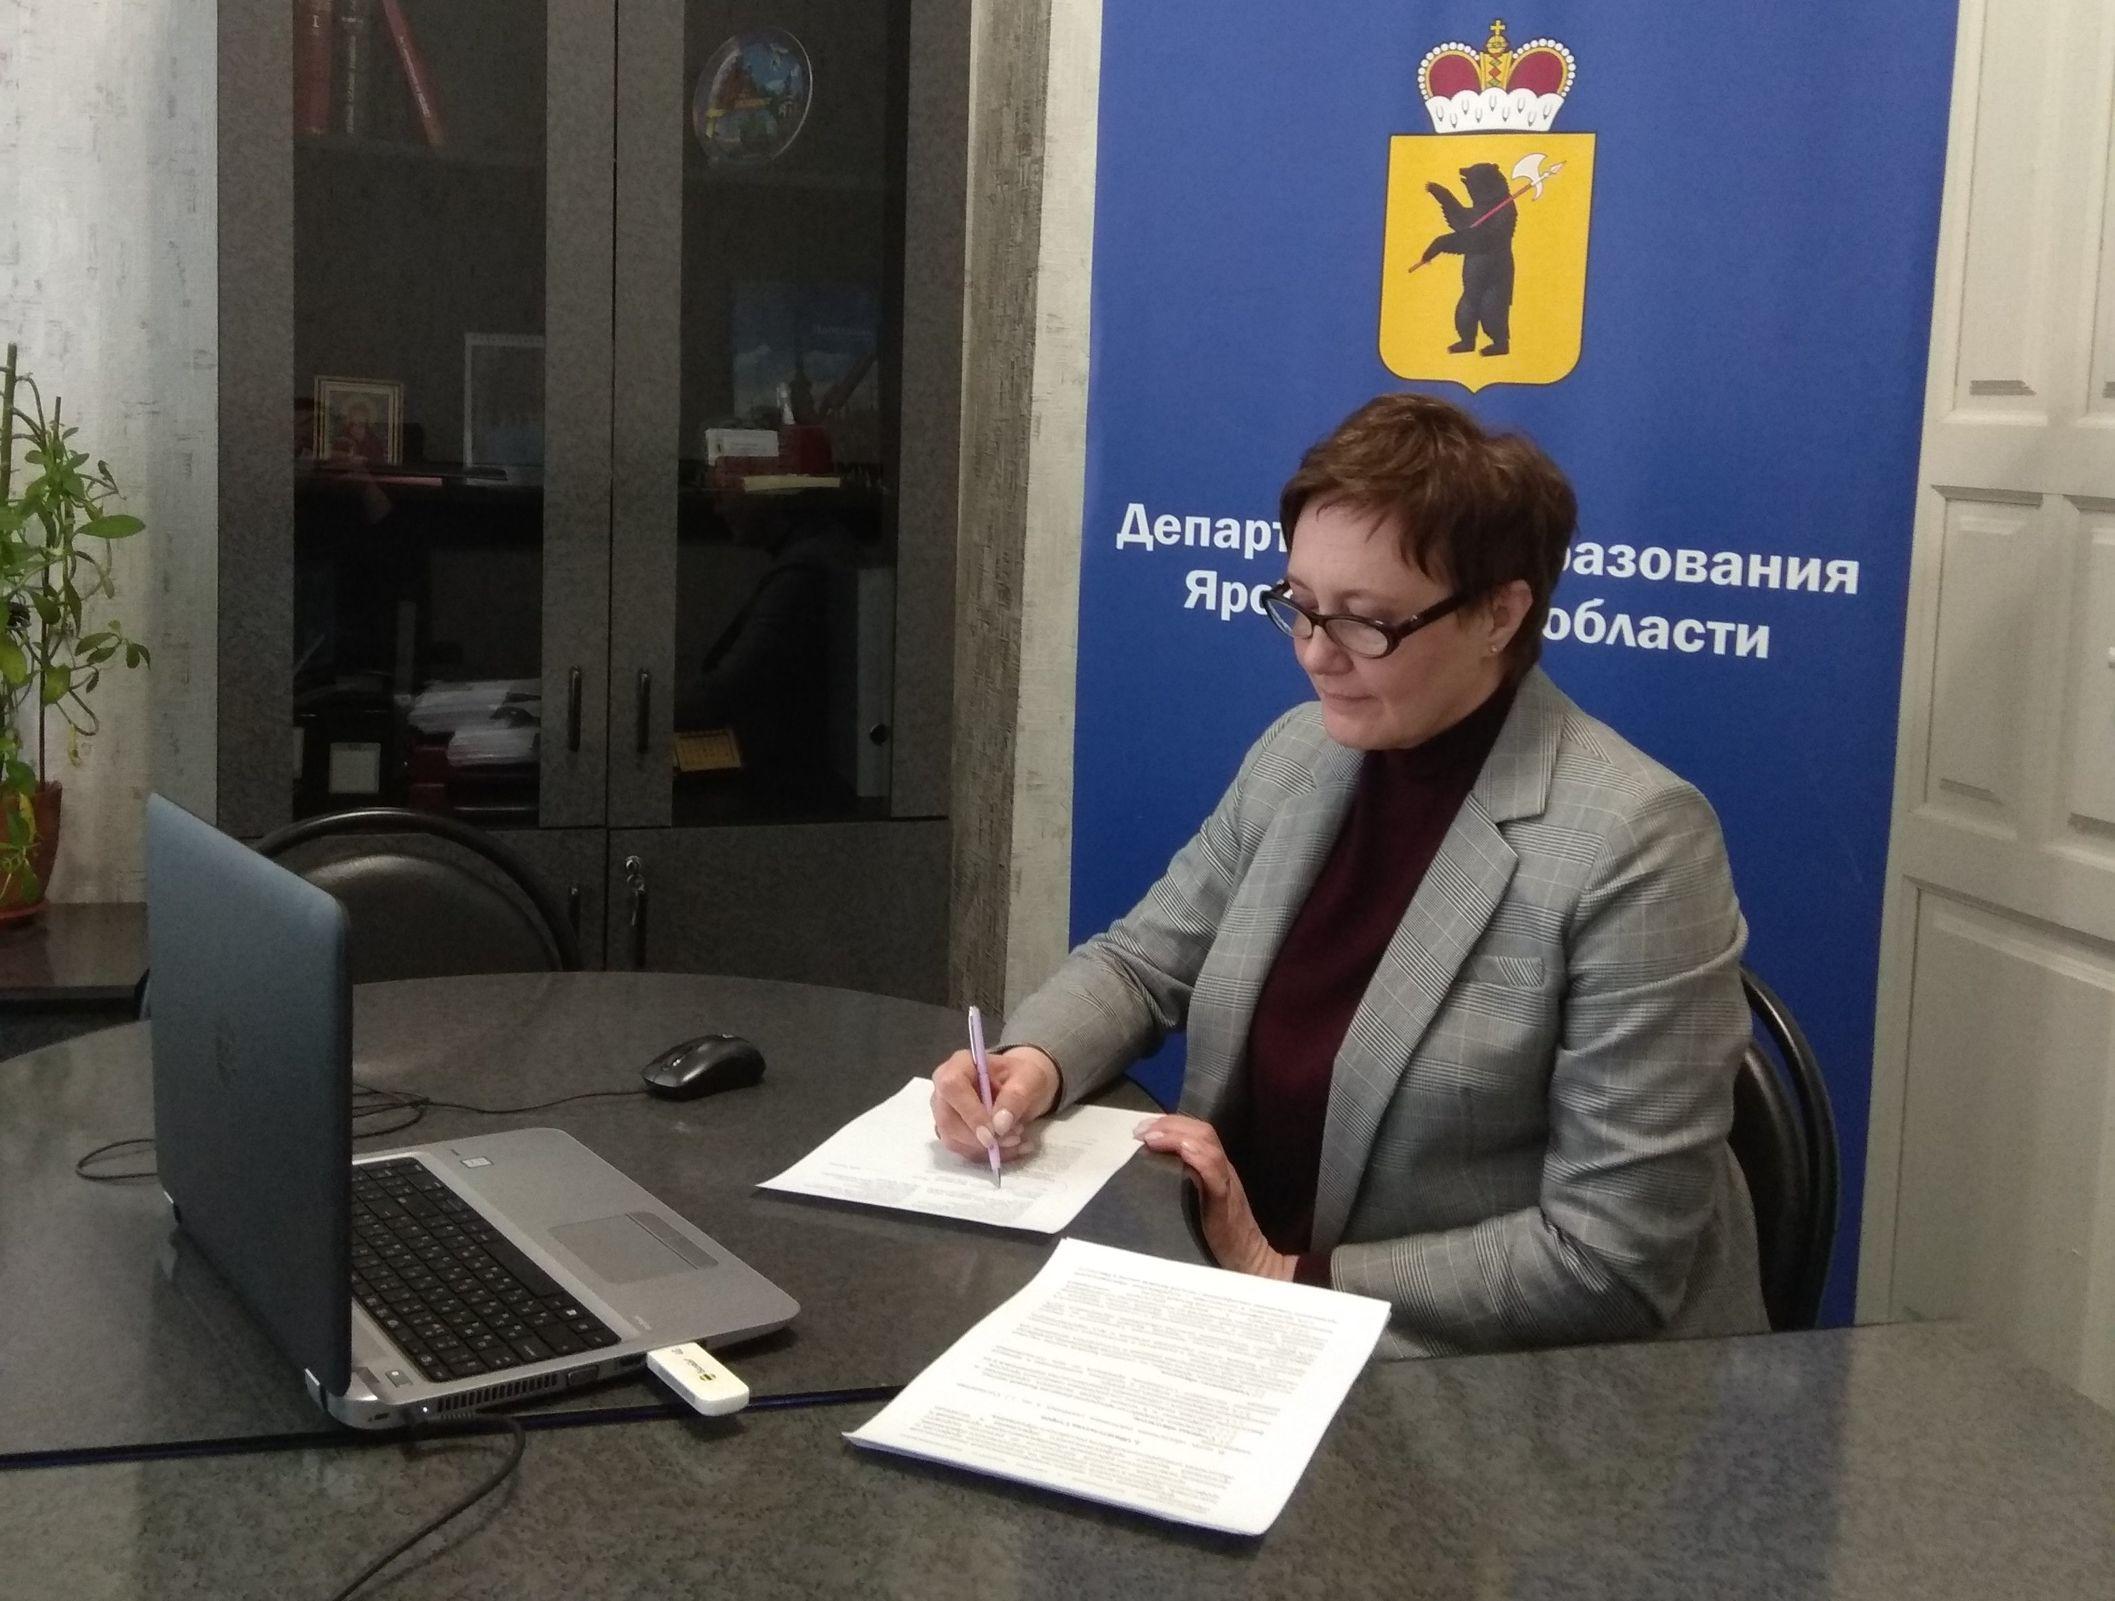 Пять школ Ярославля и Рыбинска включили в региональную систему подготовки педагогических кадров